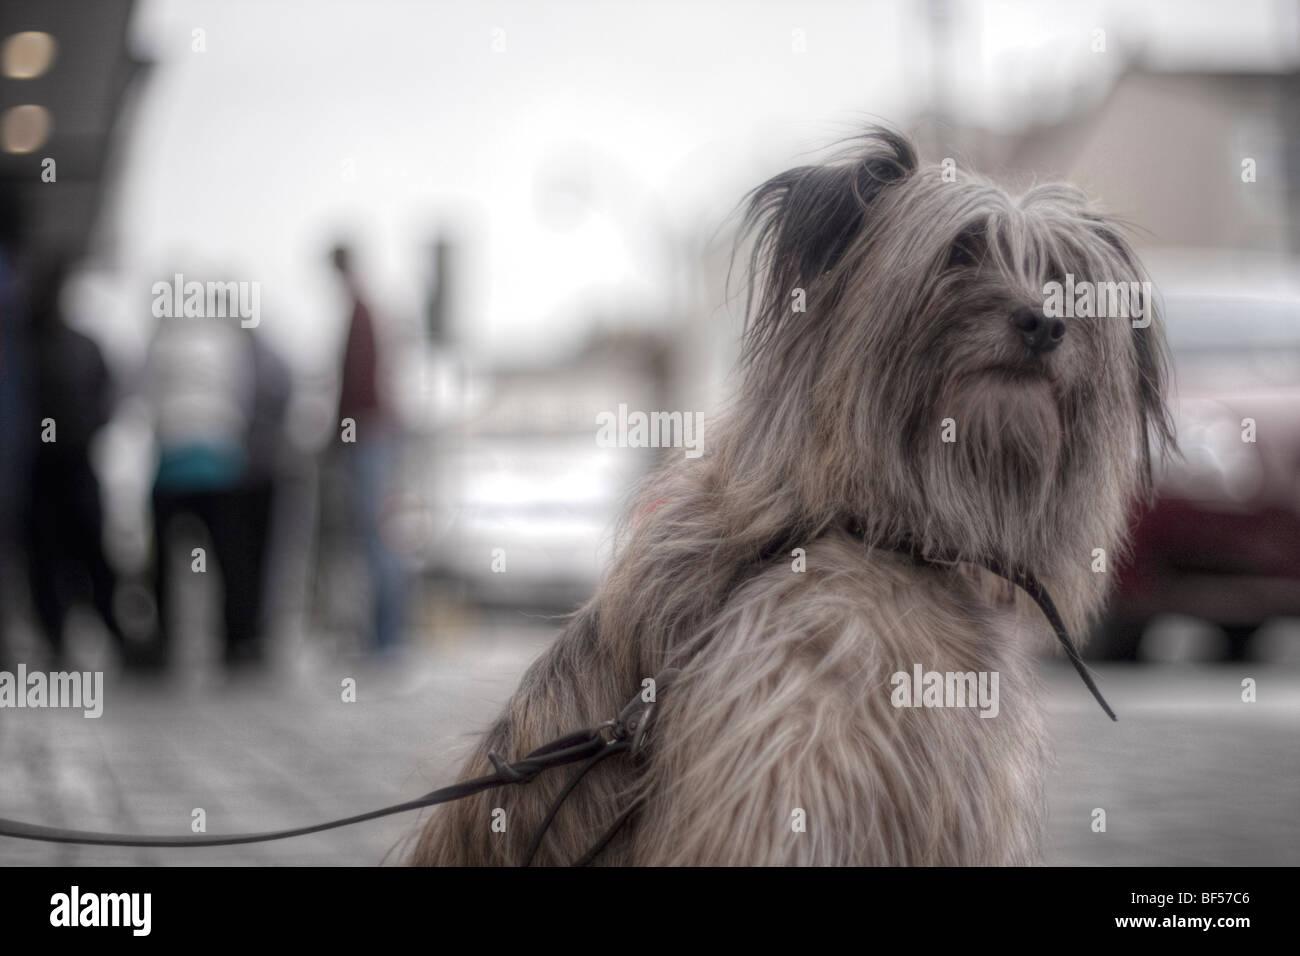 Shaggy dog - Stock Image